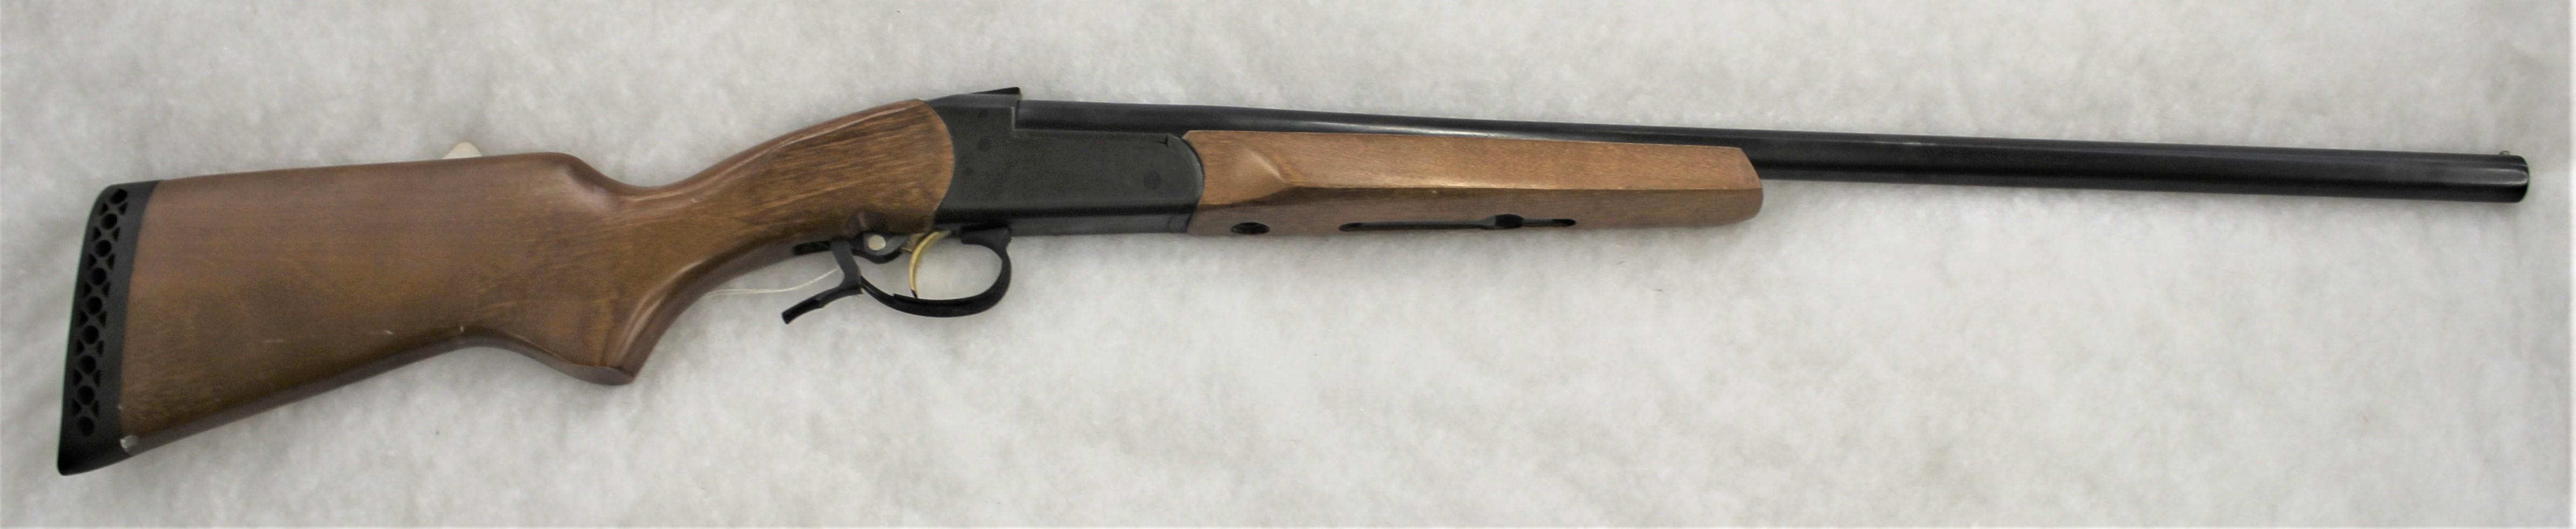 RAIKAL - MODEL MP18 - SHOTGUN